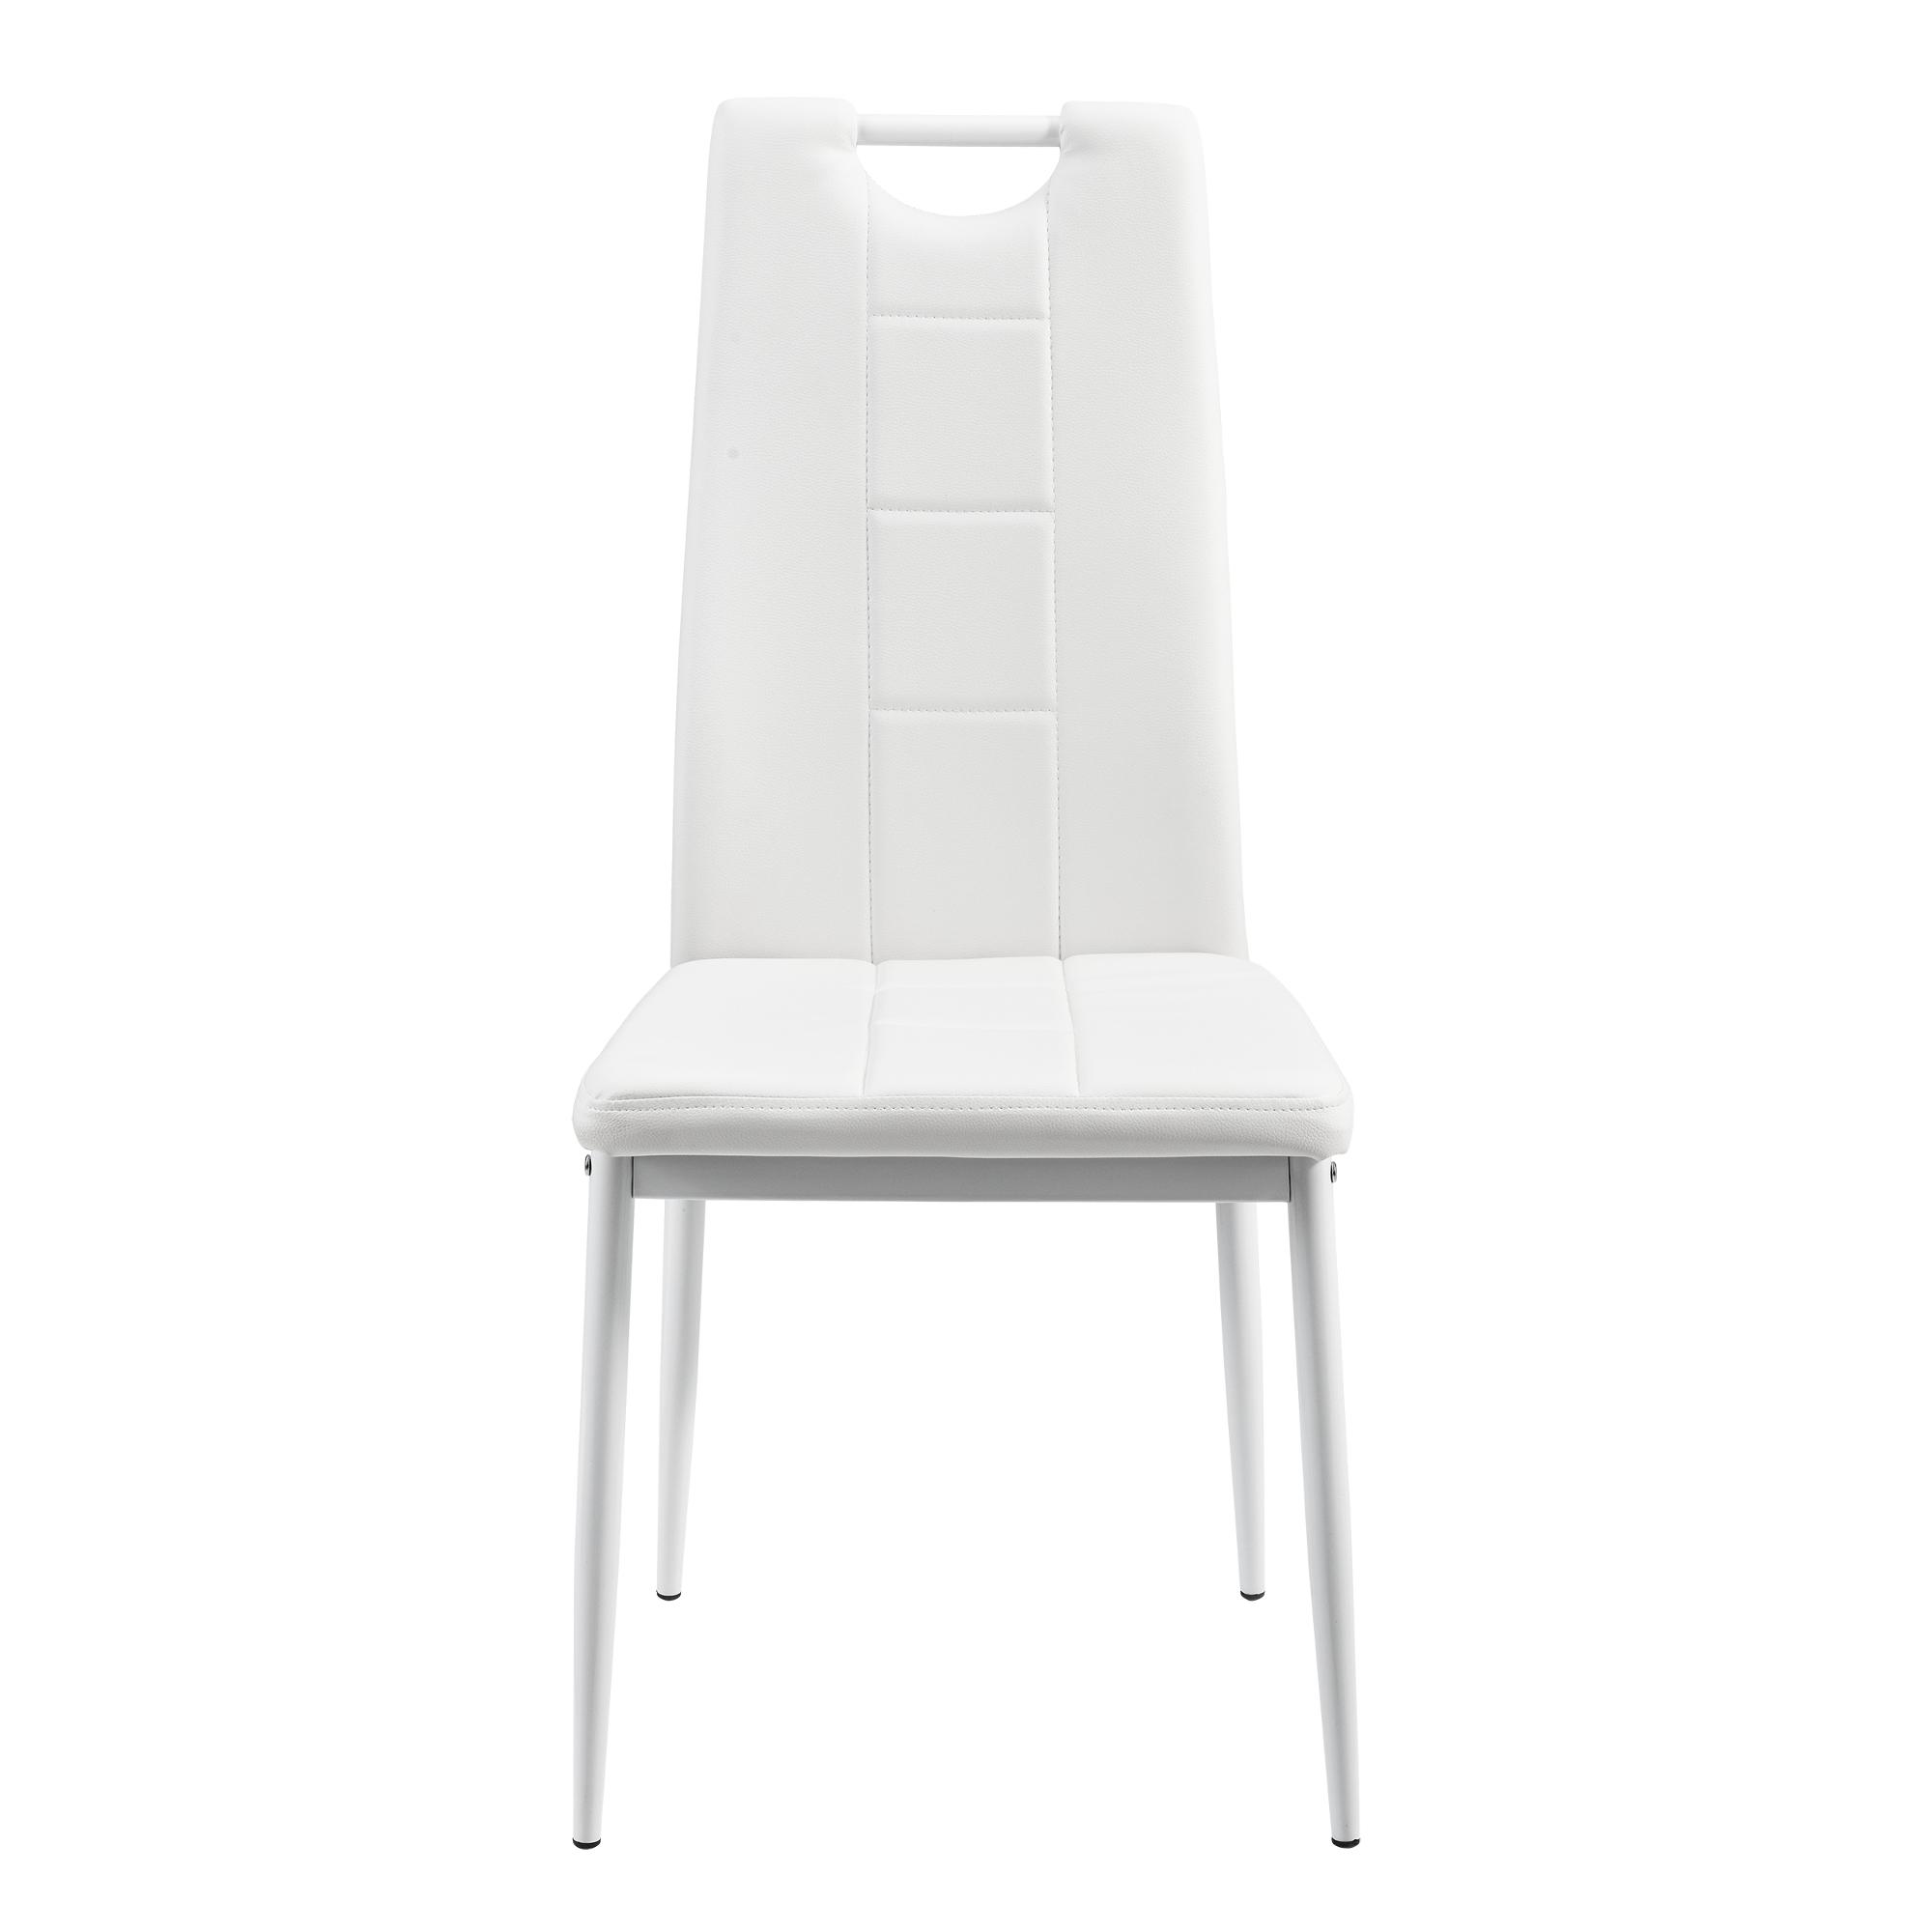 Table de salle manger avec 6 chaises blanc 140x60cm cuisine poign - Table de salle a manger avec 6 chaises ...